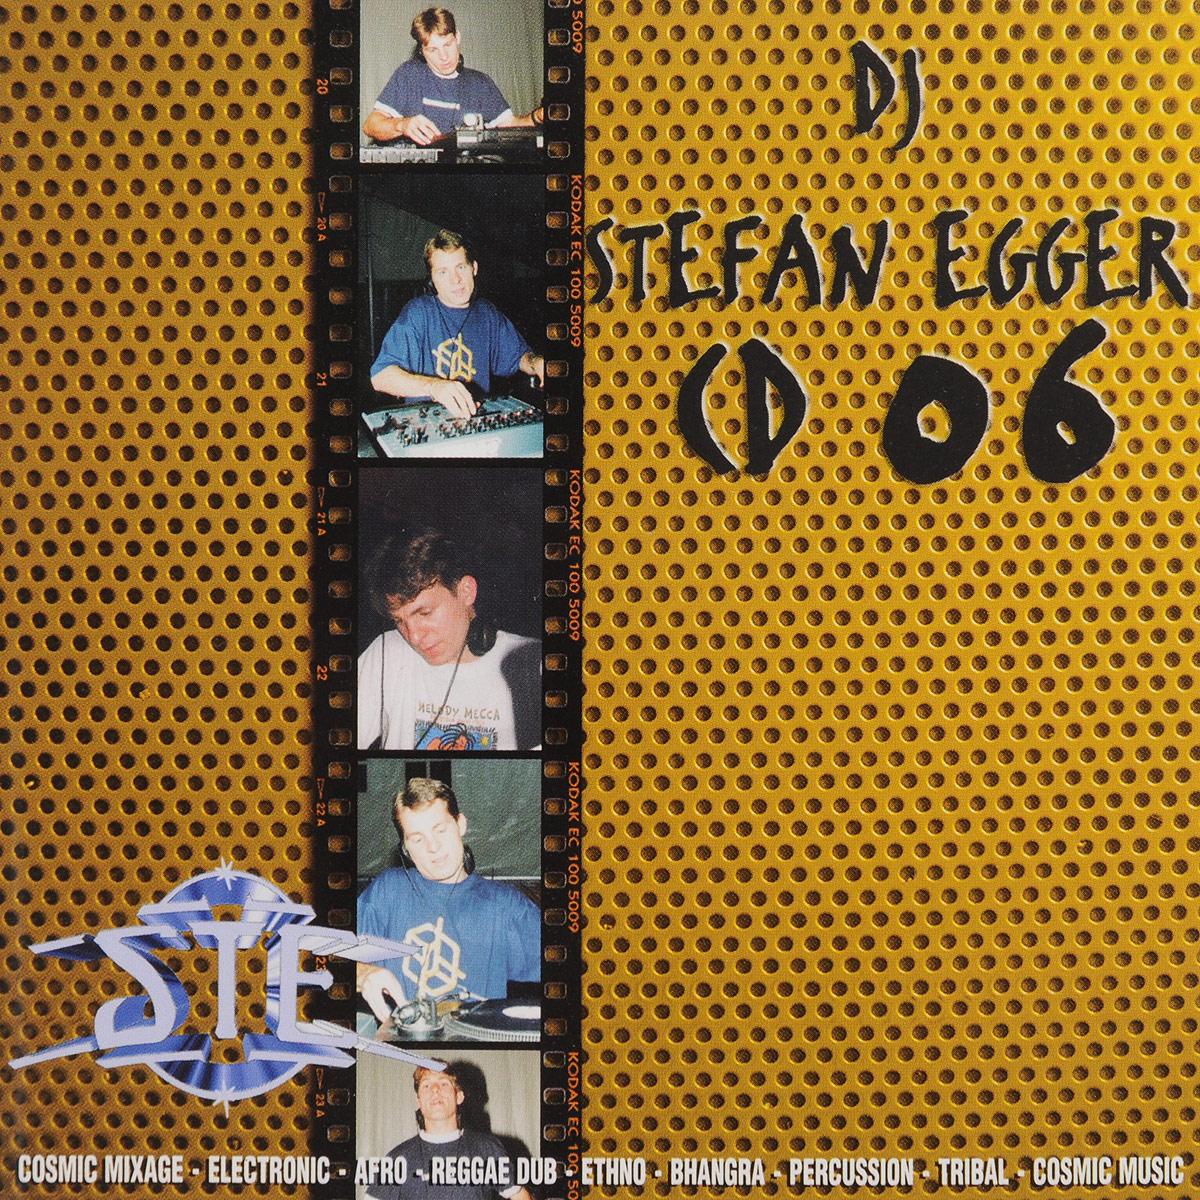 Stefan Egger / DJ Dj Egger. Cosmic Mixage CD 6